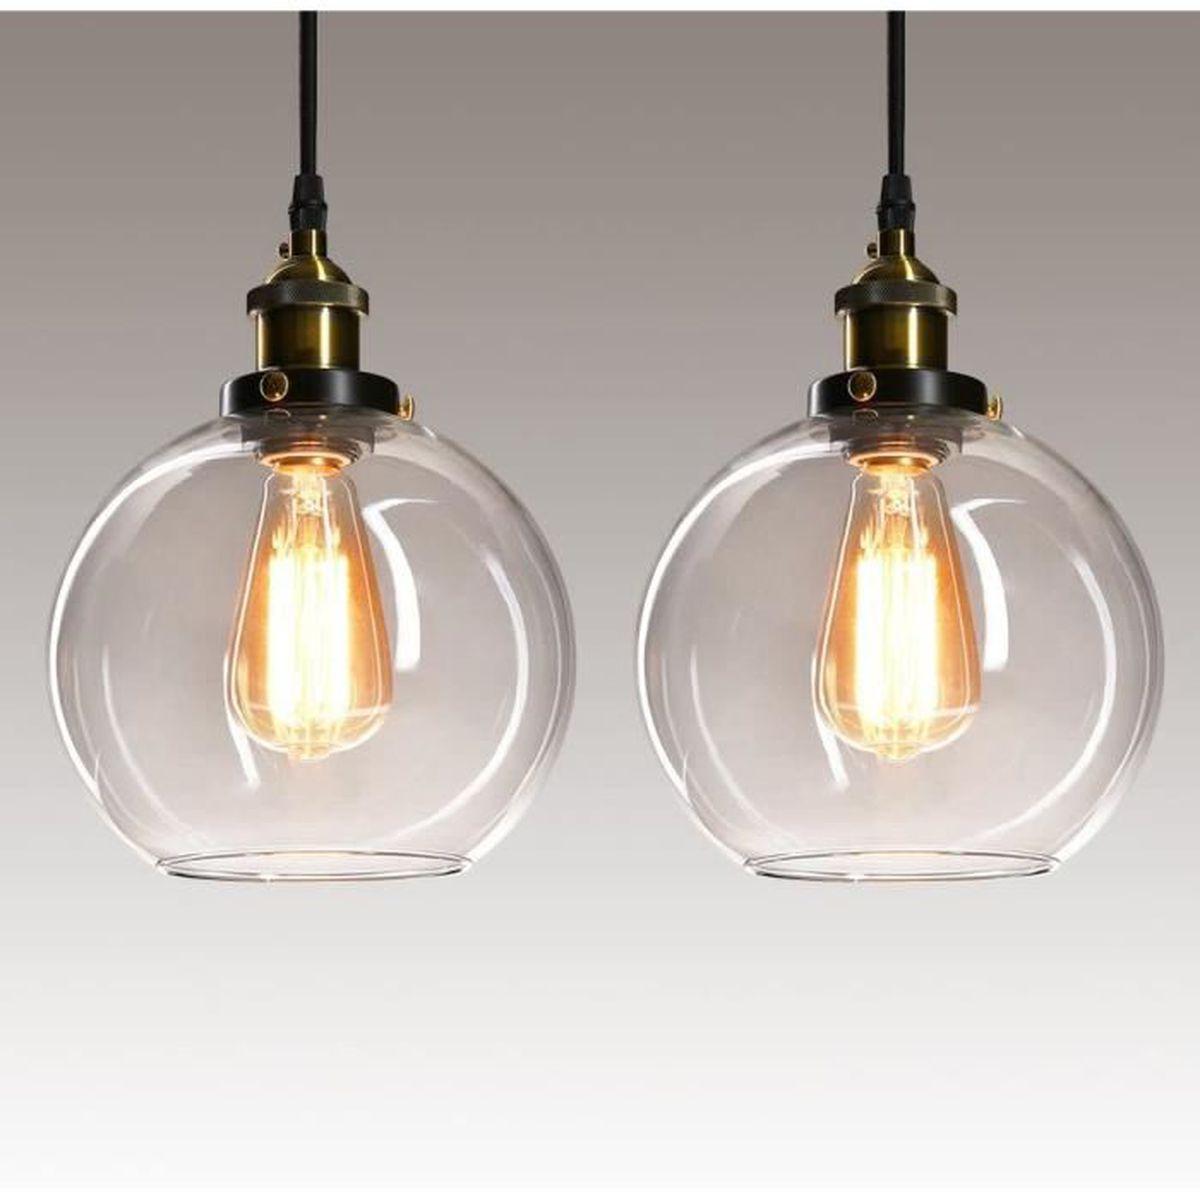 Lampe Salon Salle À Manger lot de 2 suspensions vintage luminaires style industriell